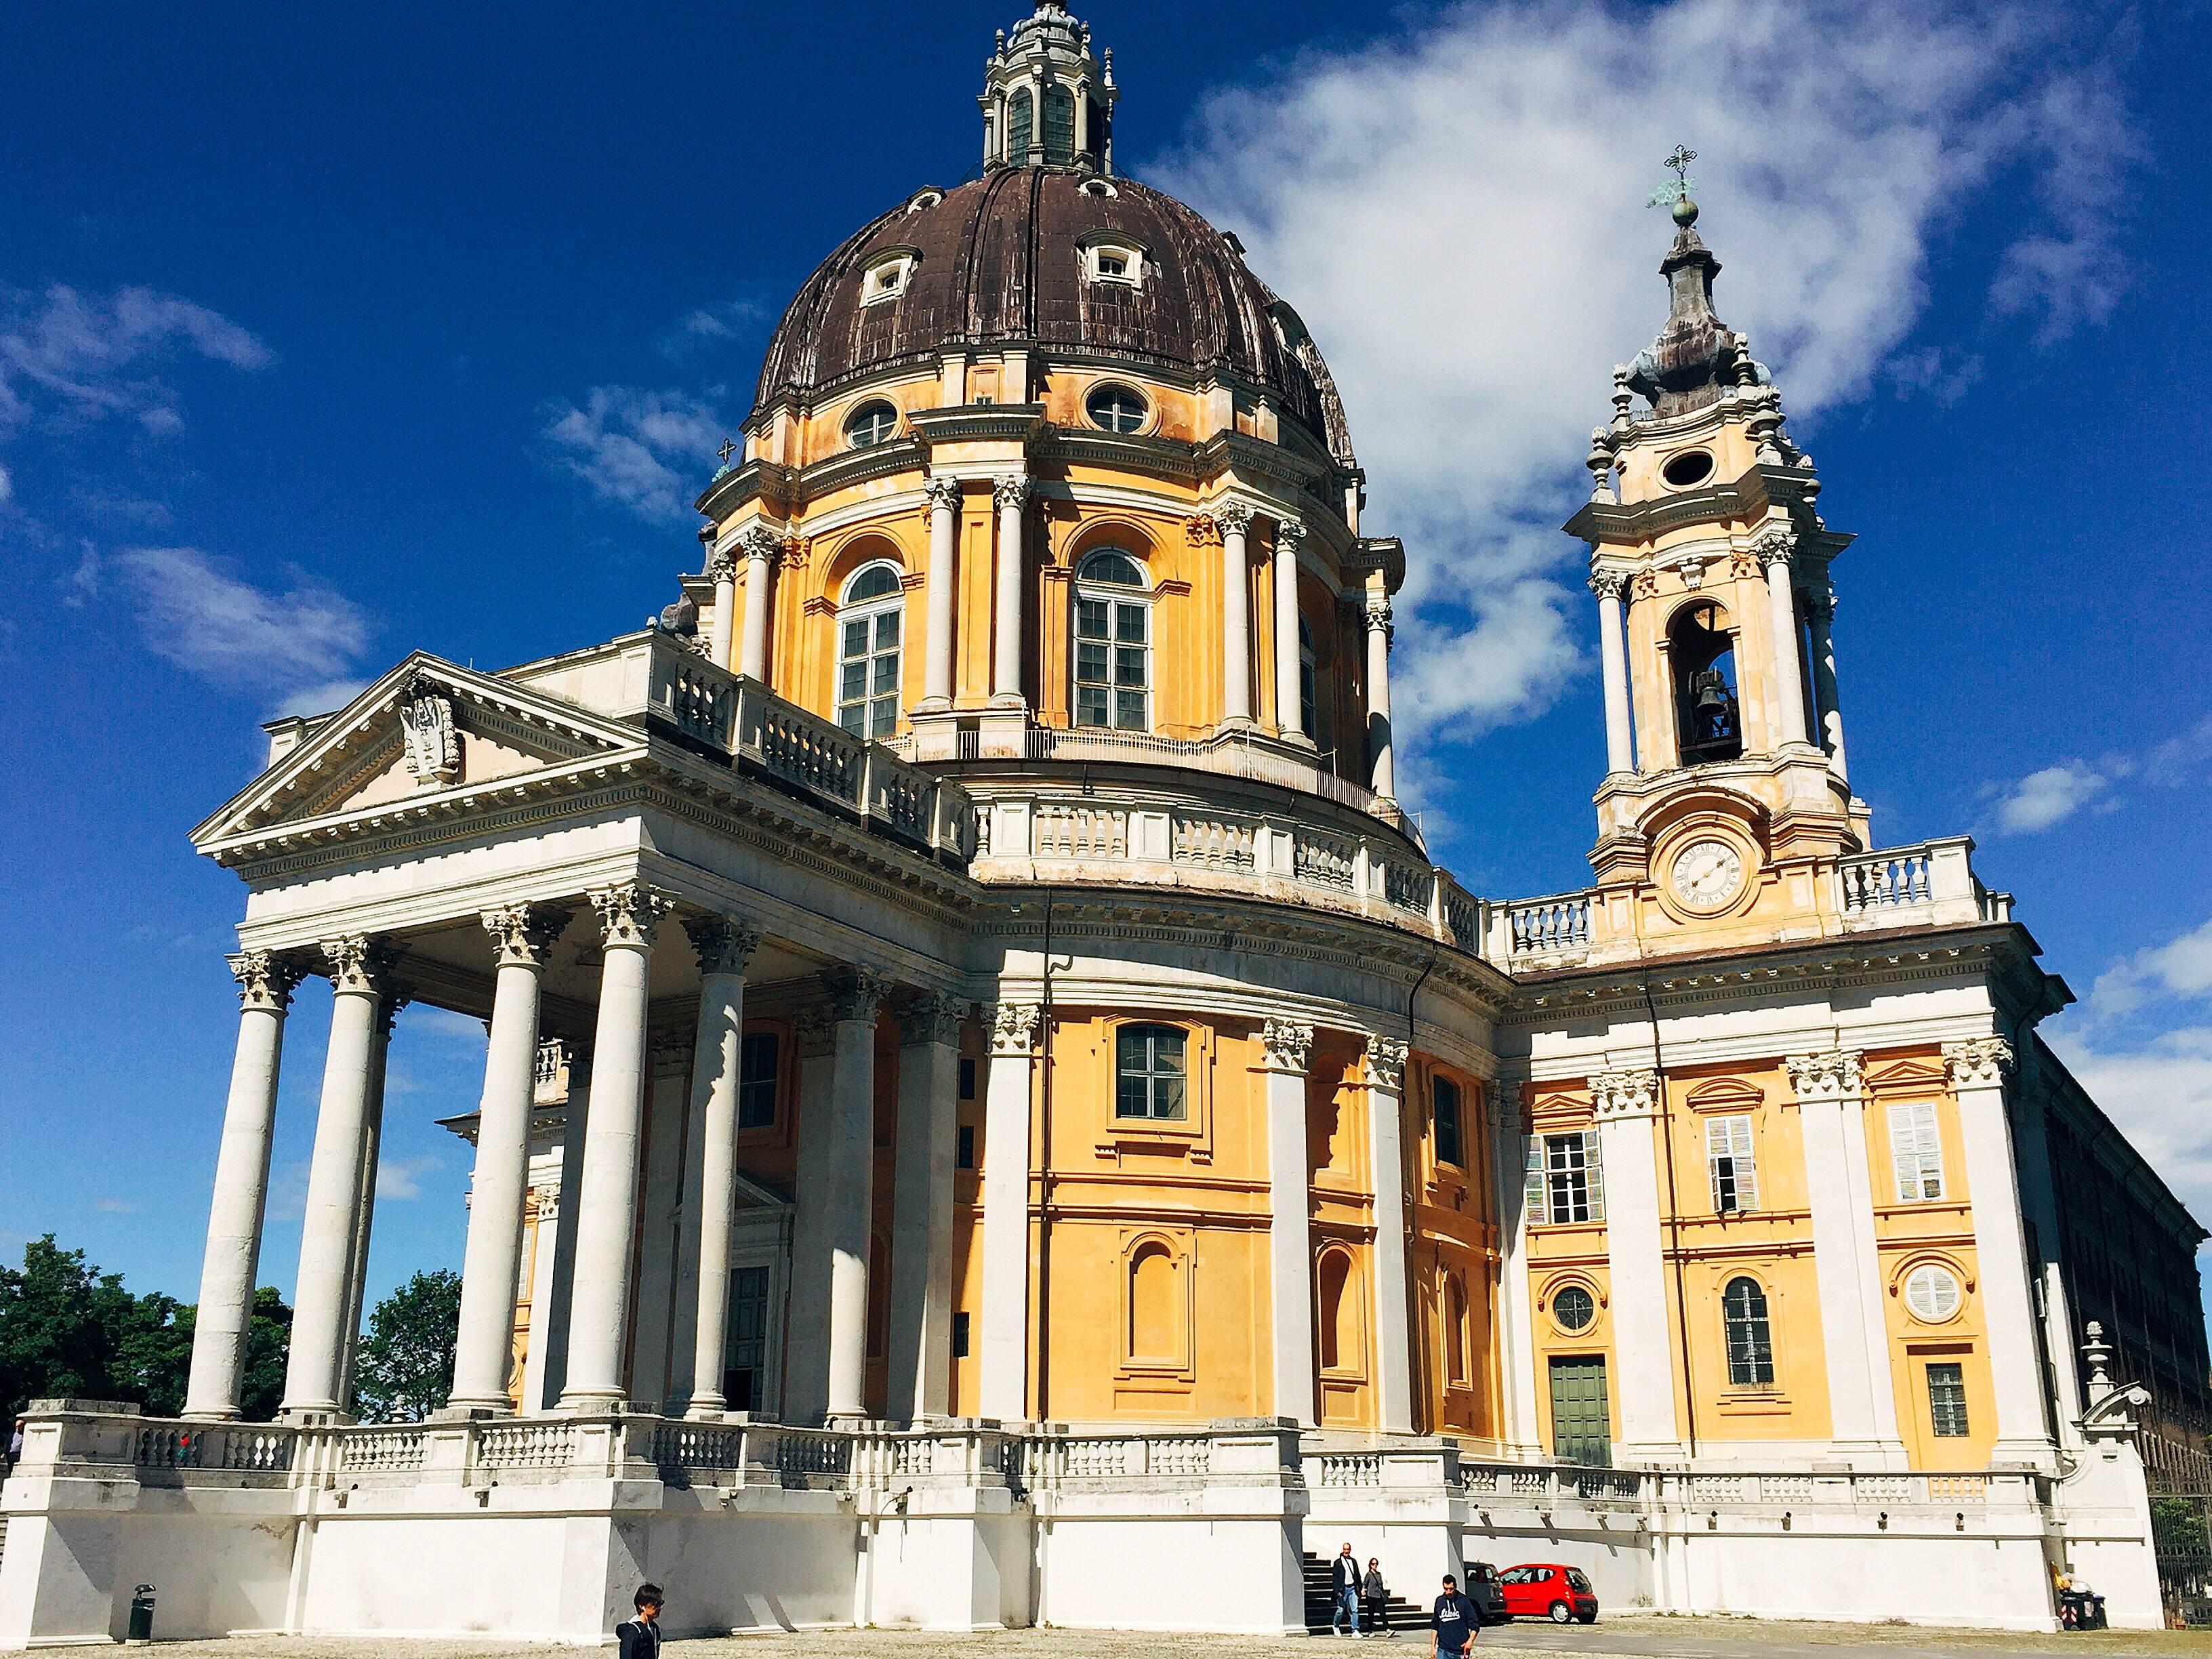 Photo 1: Turin l'oubliée ! Replendissante au travers de ses palaces, montagnes et arcades